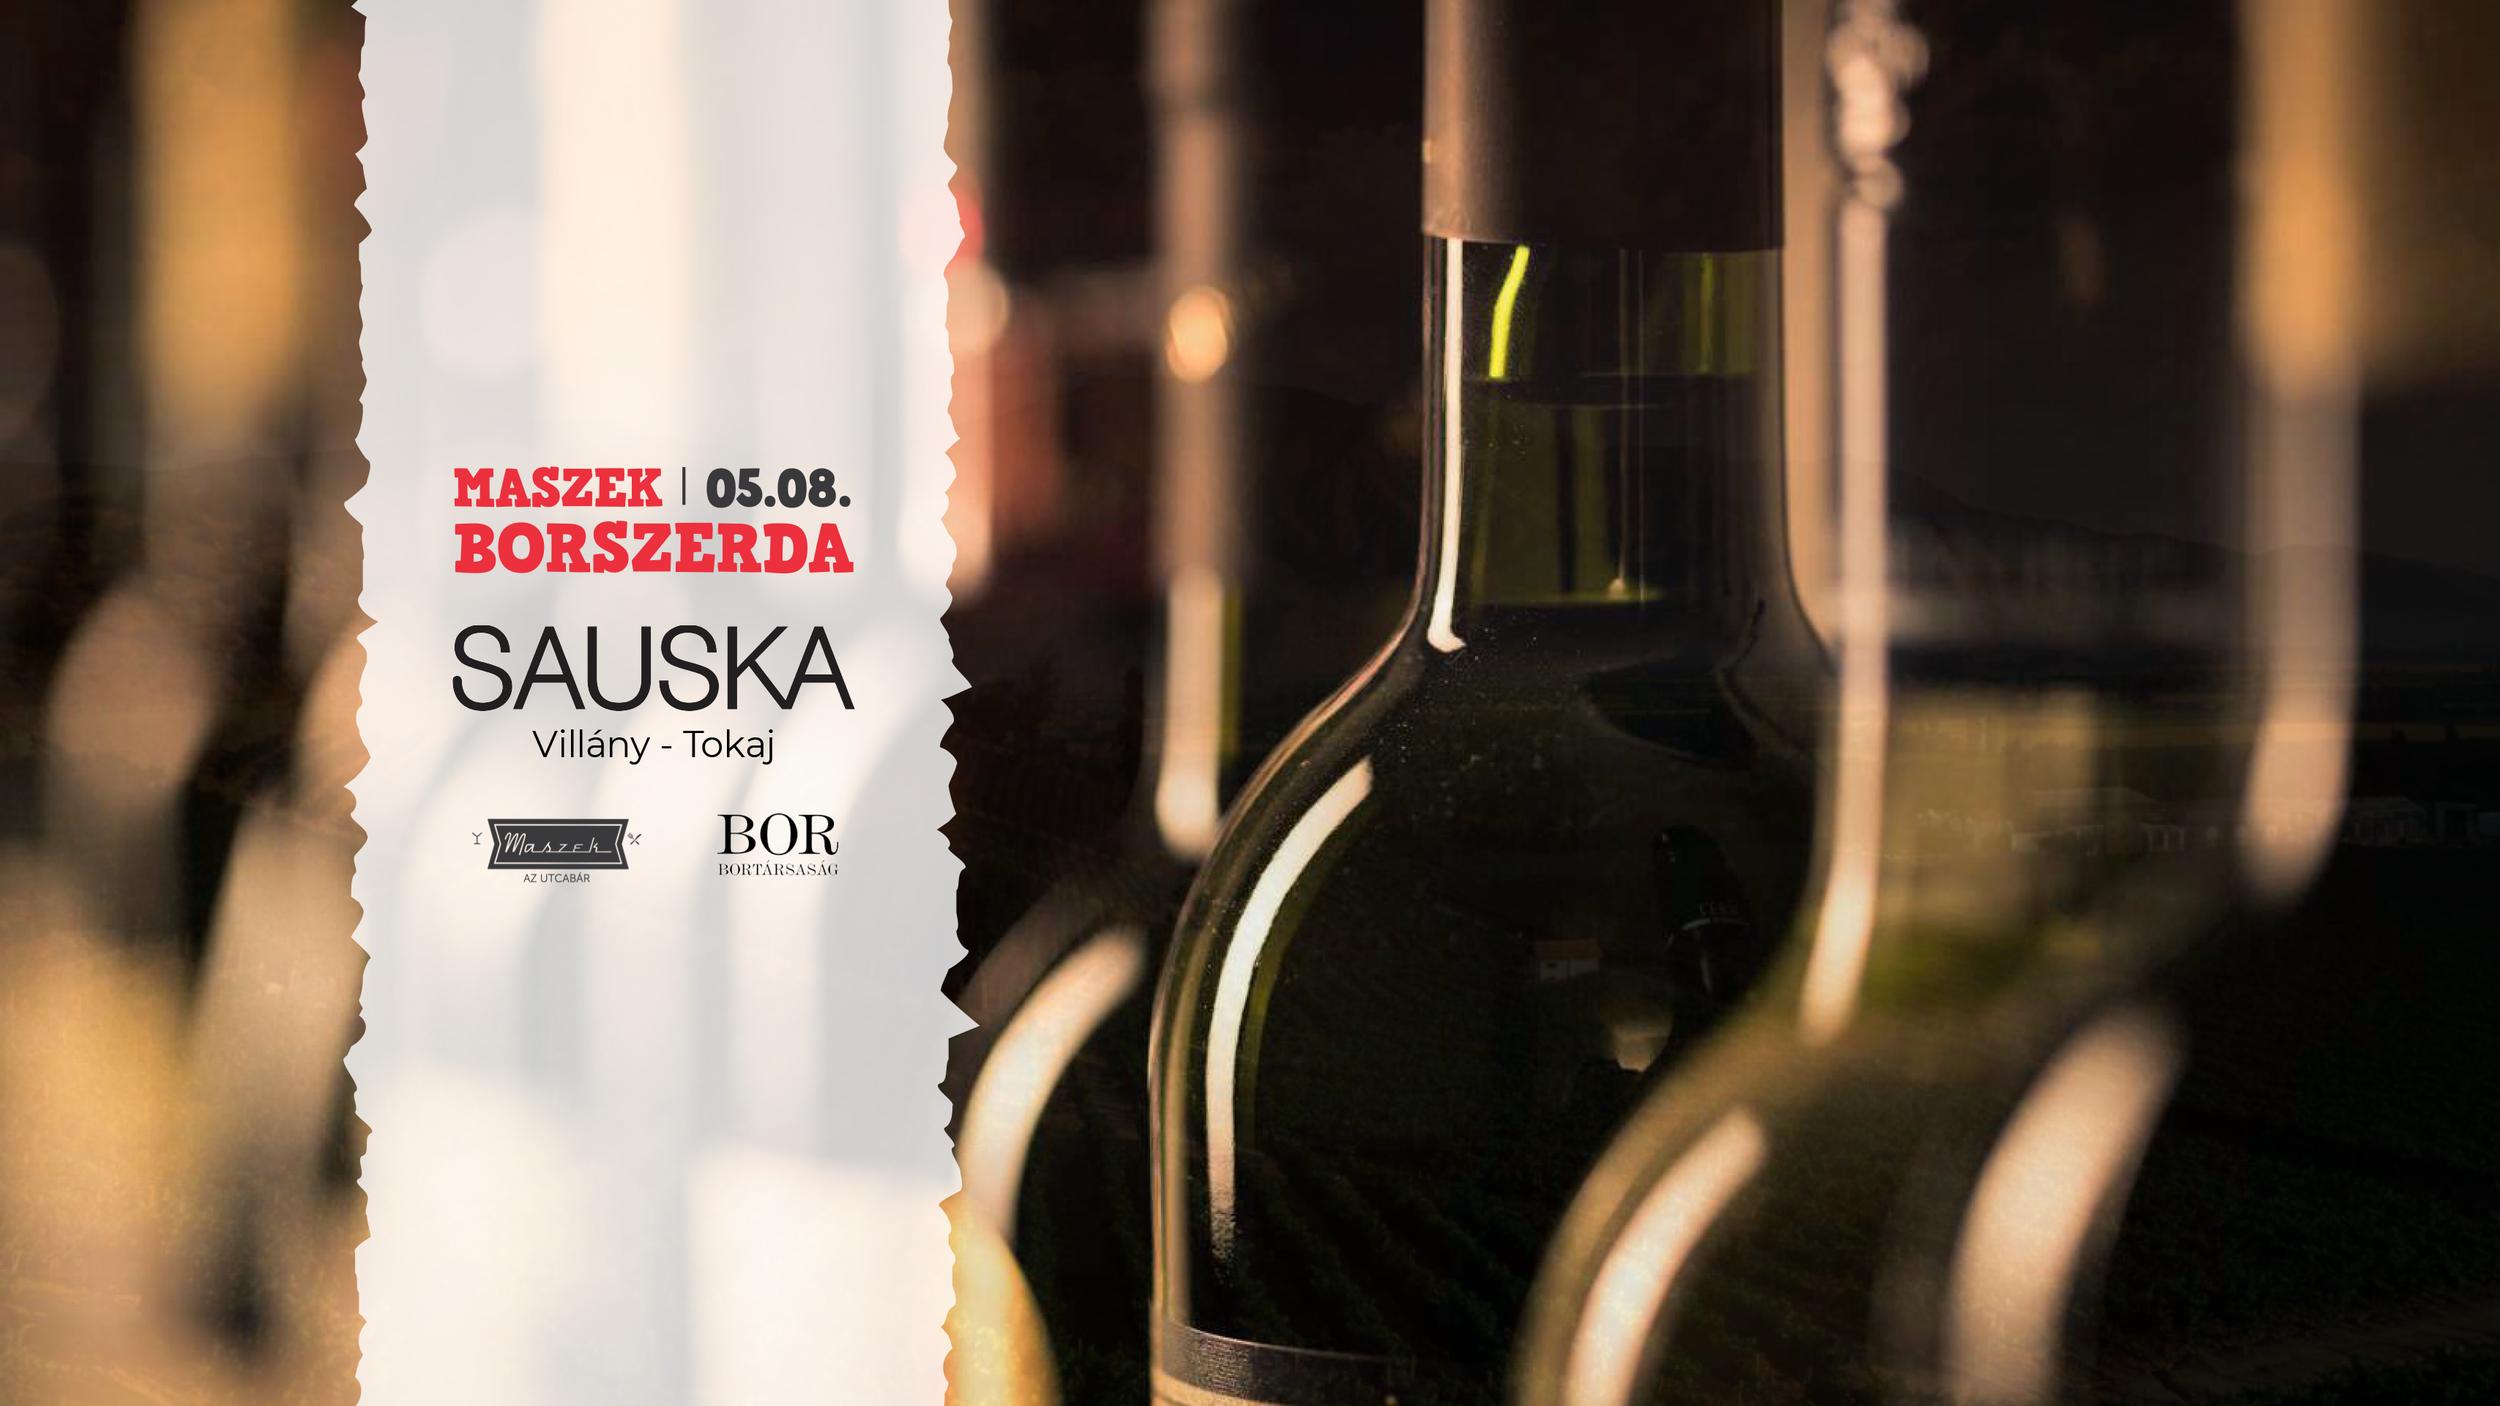 fm_maszek_borszerda_sauska_cover.png